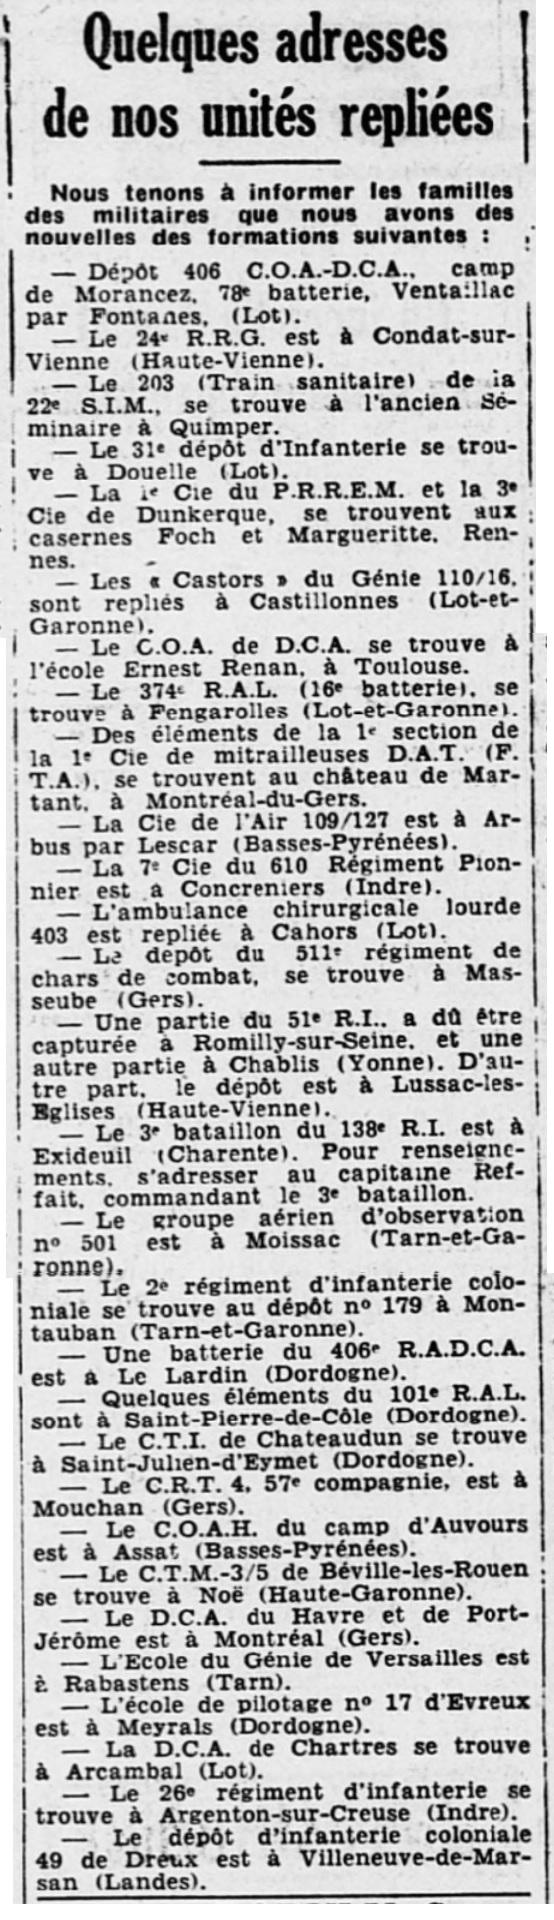 Liste des centres de repli des unités françaises 19400813